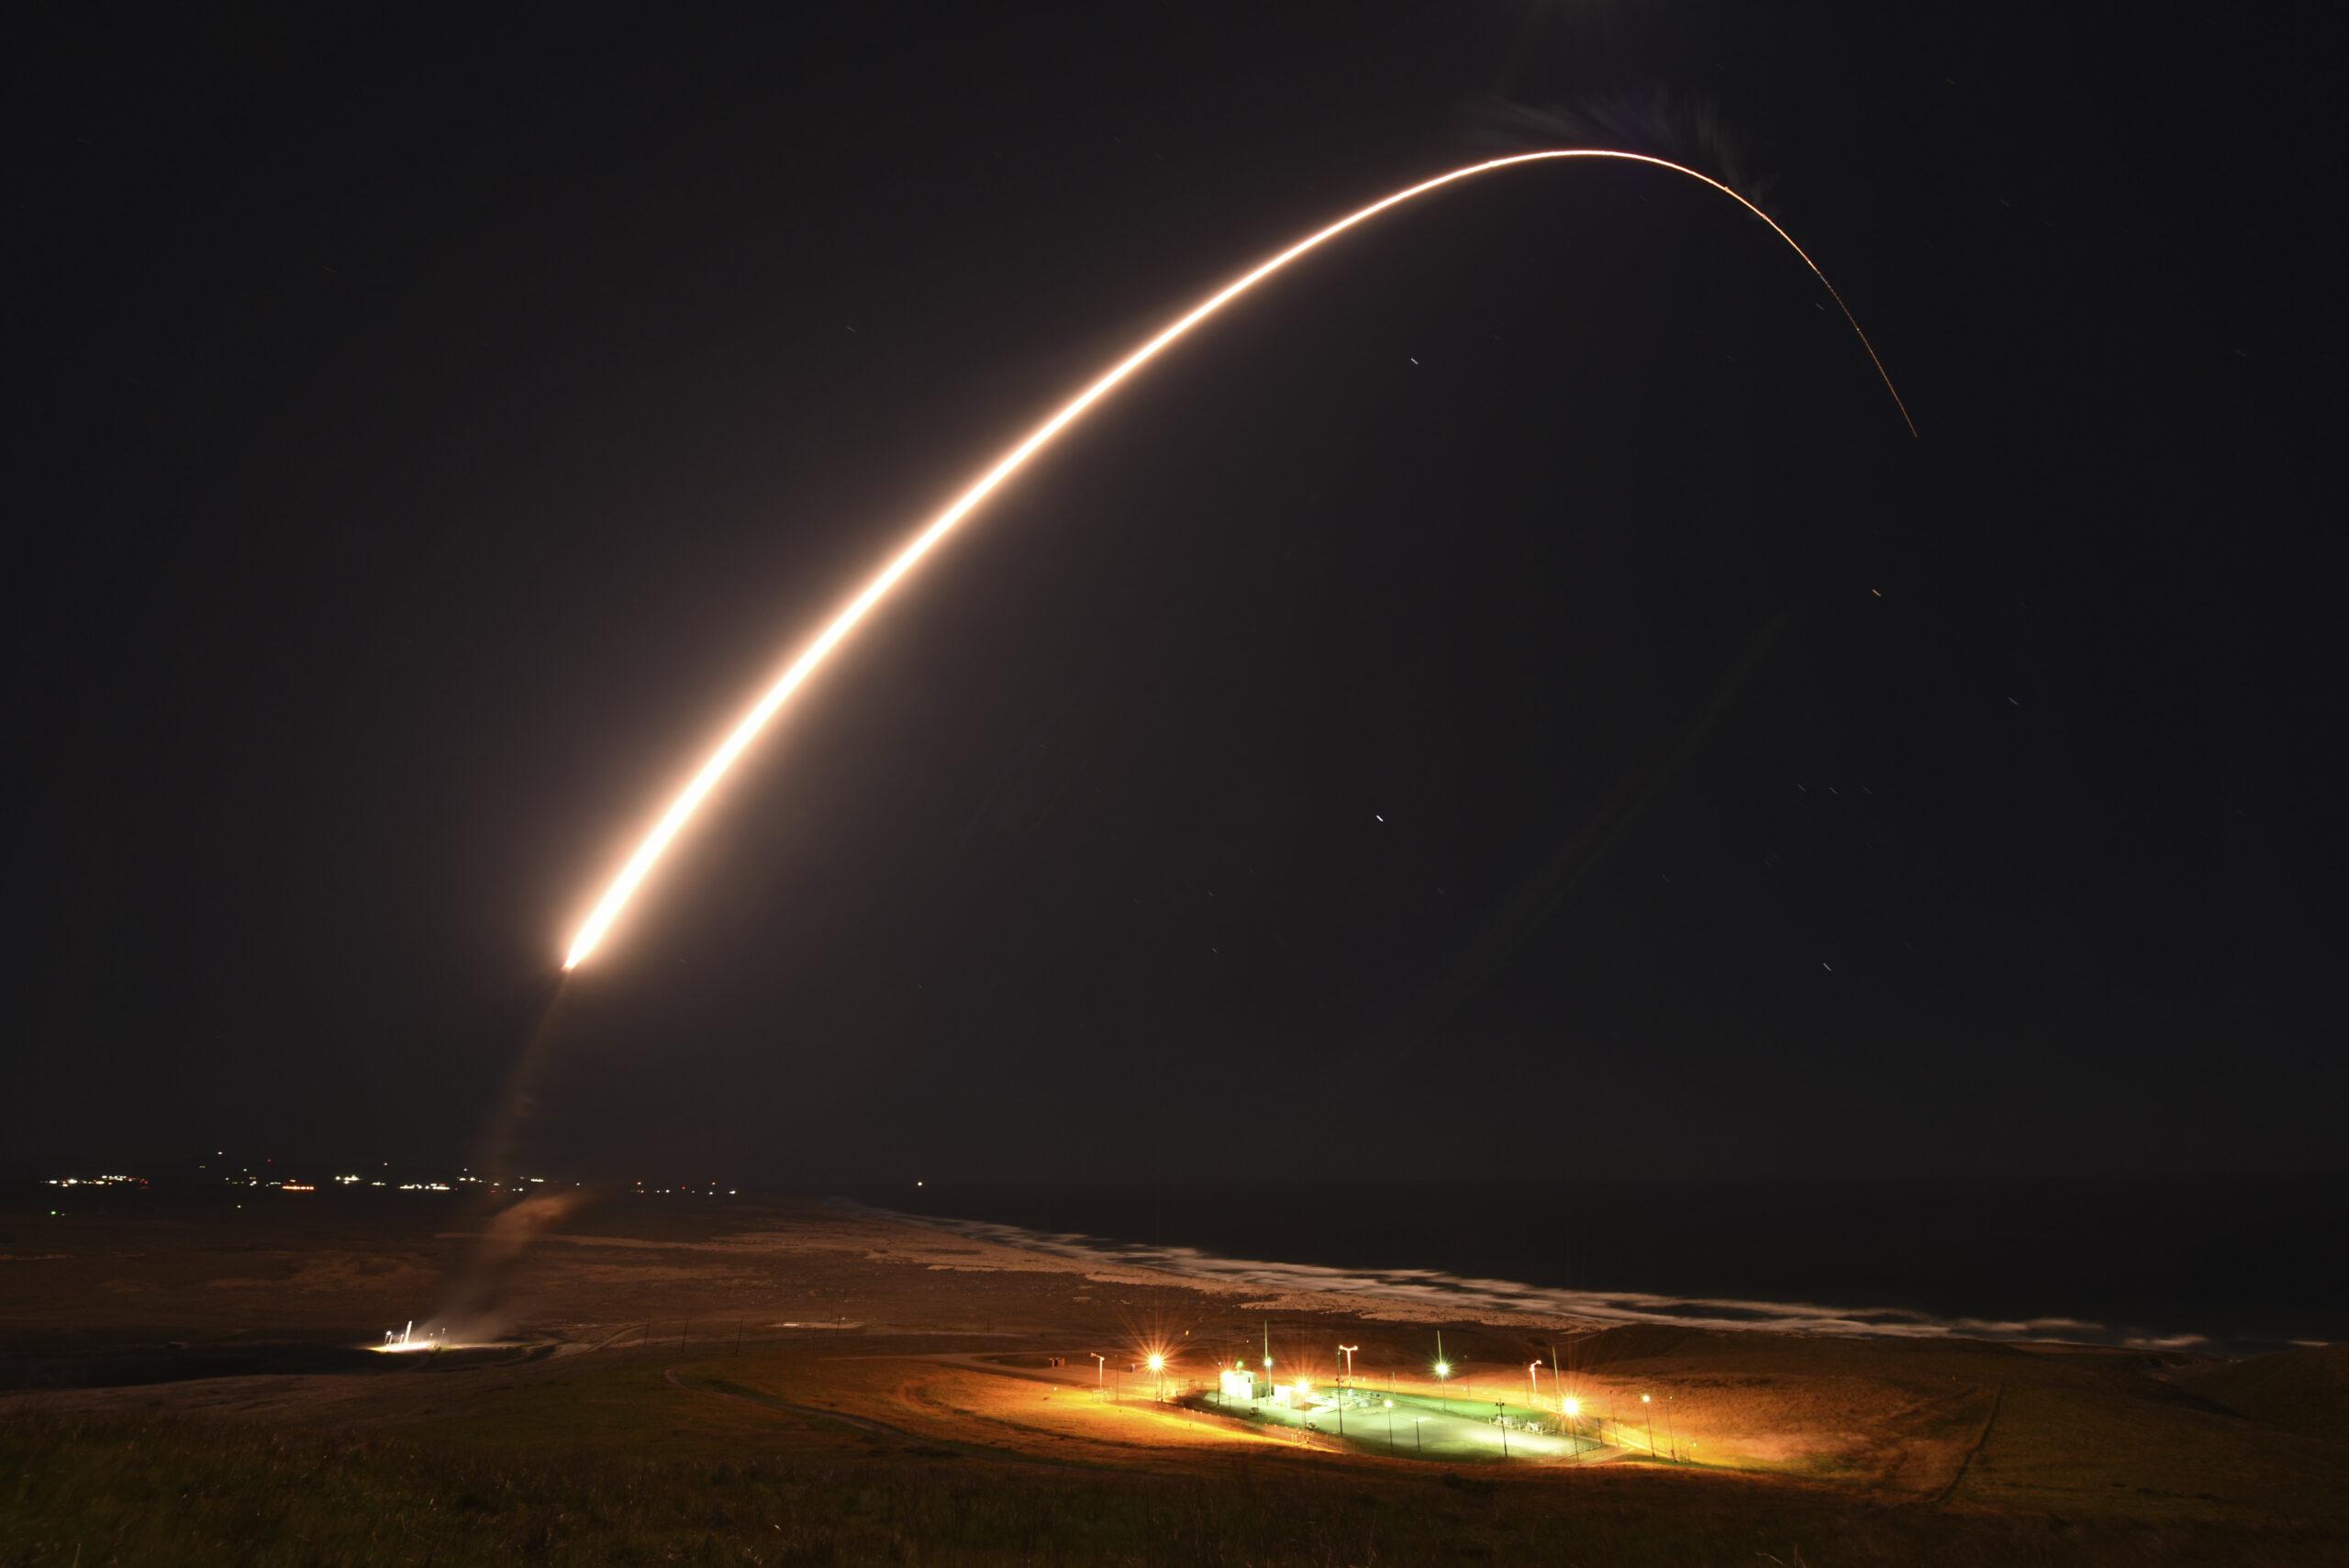 Il sistema ipersonico cinese che ha colto di sorpresa gli Stati Uniti